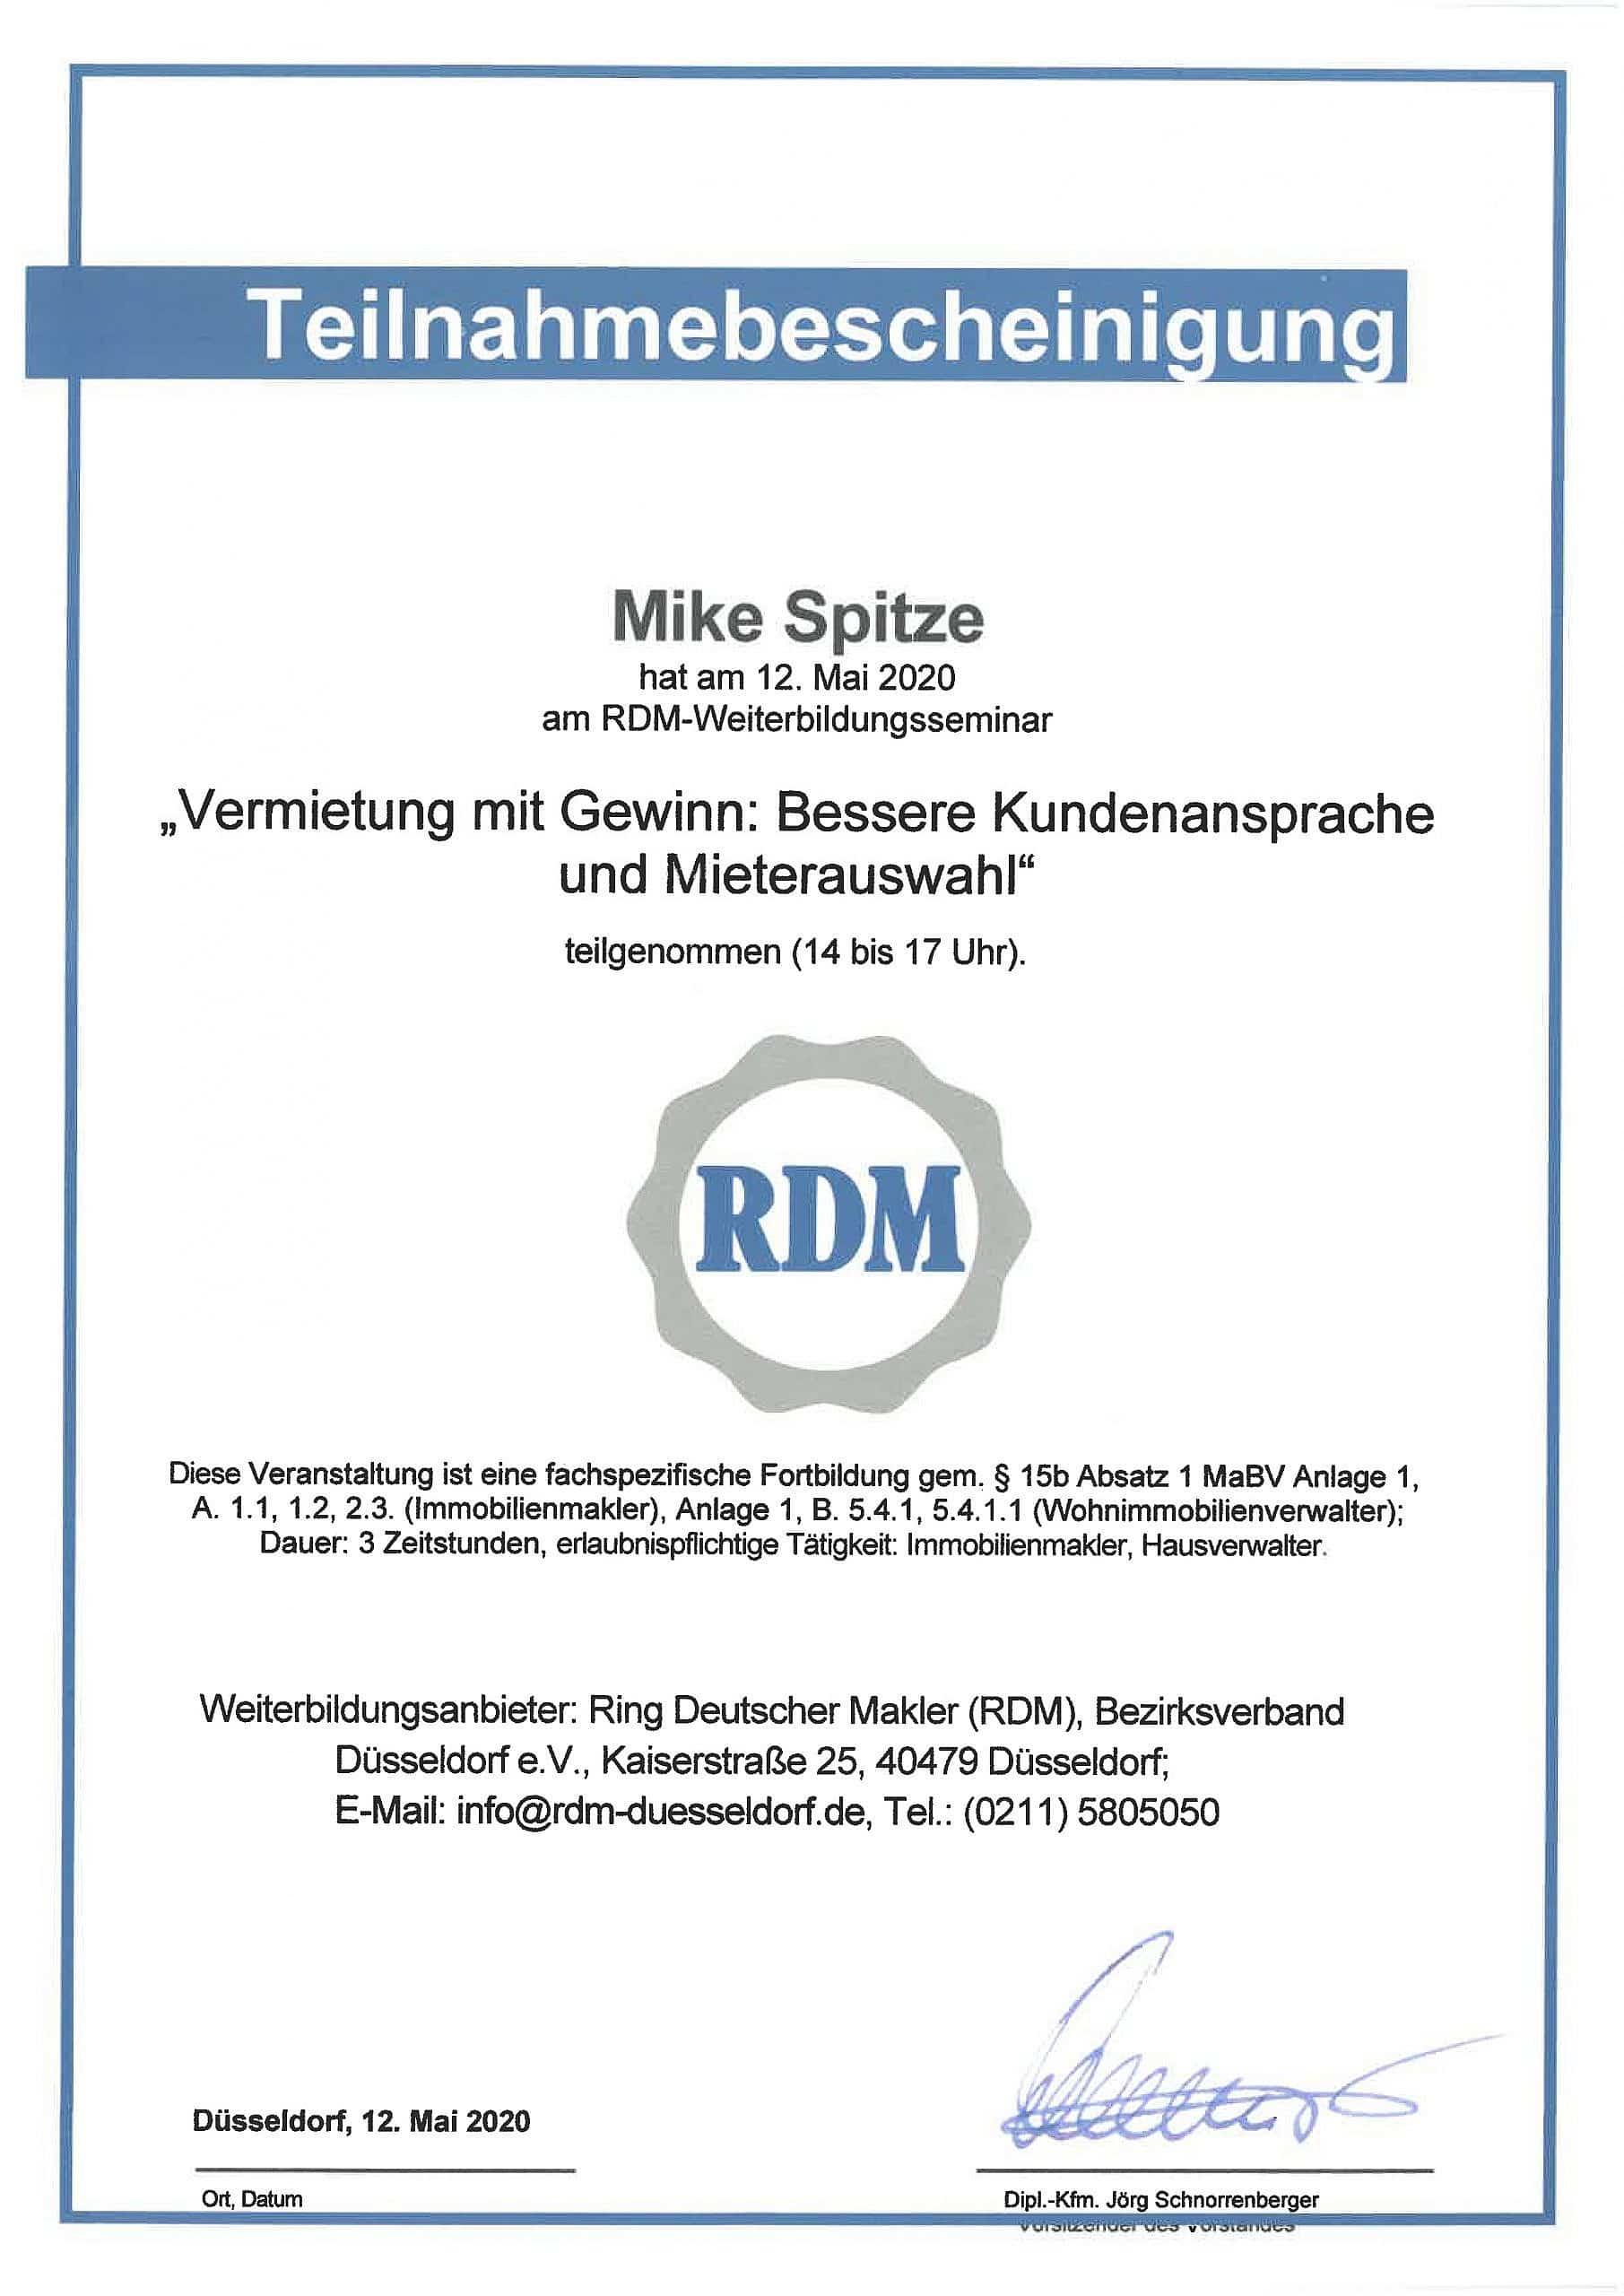 akzepta-teilnahmebescheinigung-mike-spitze